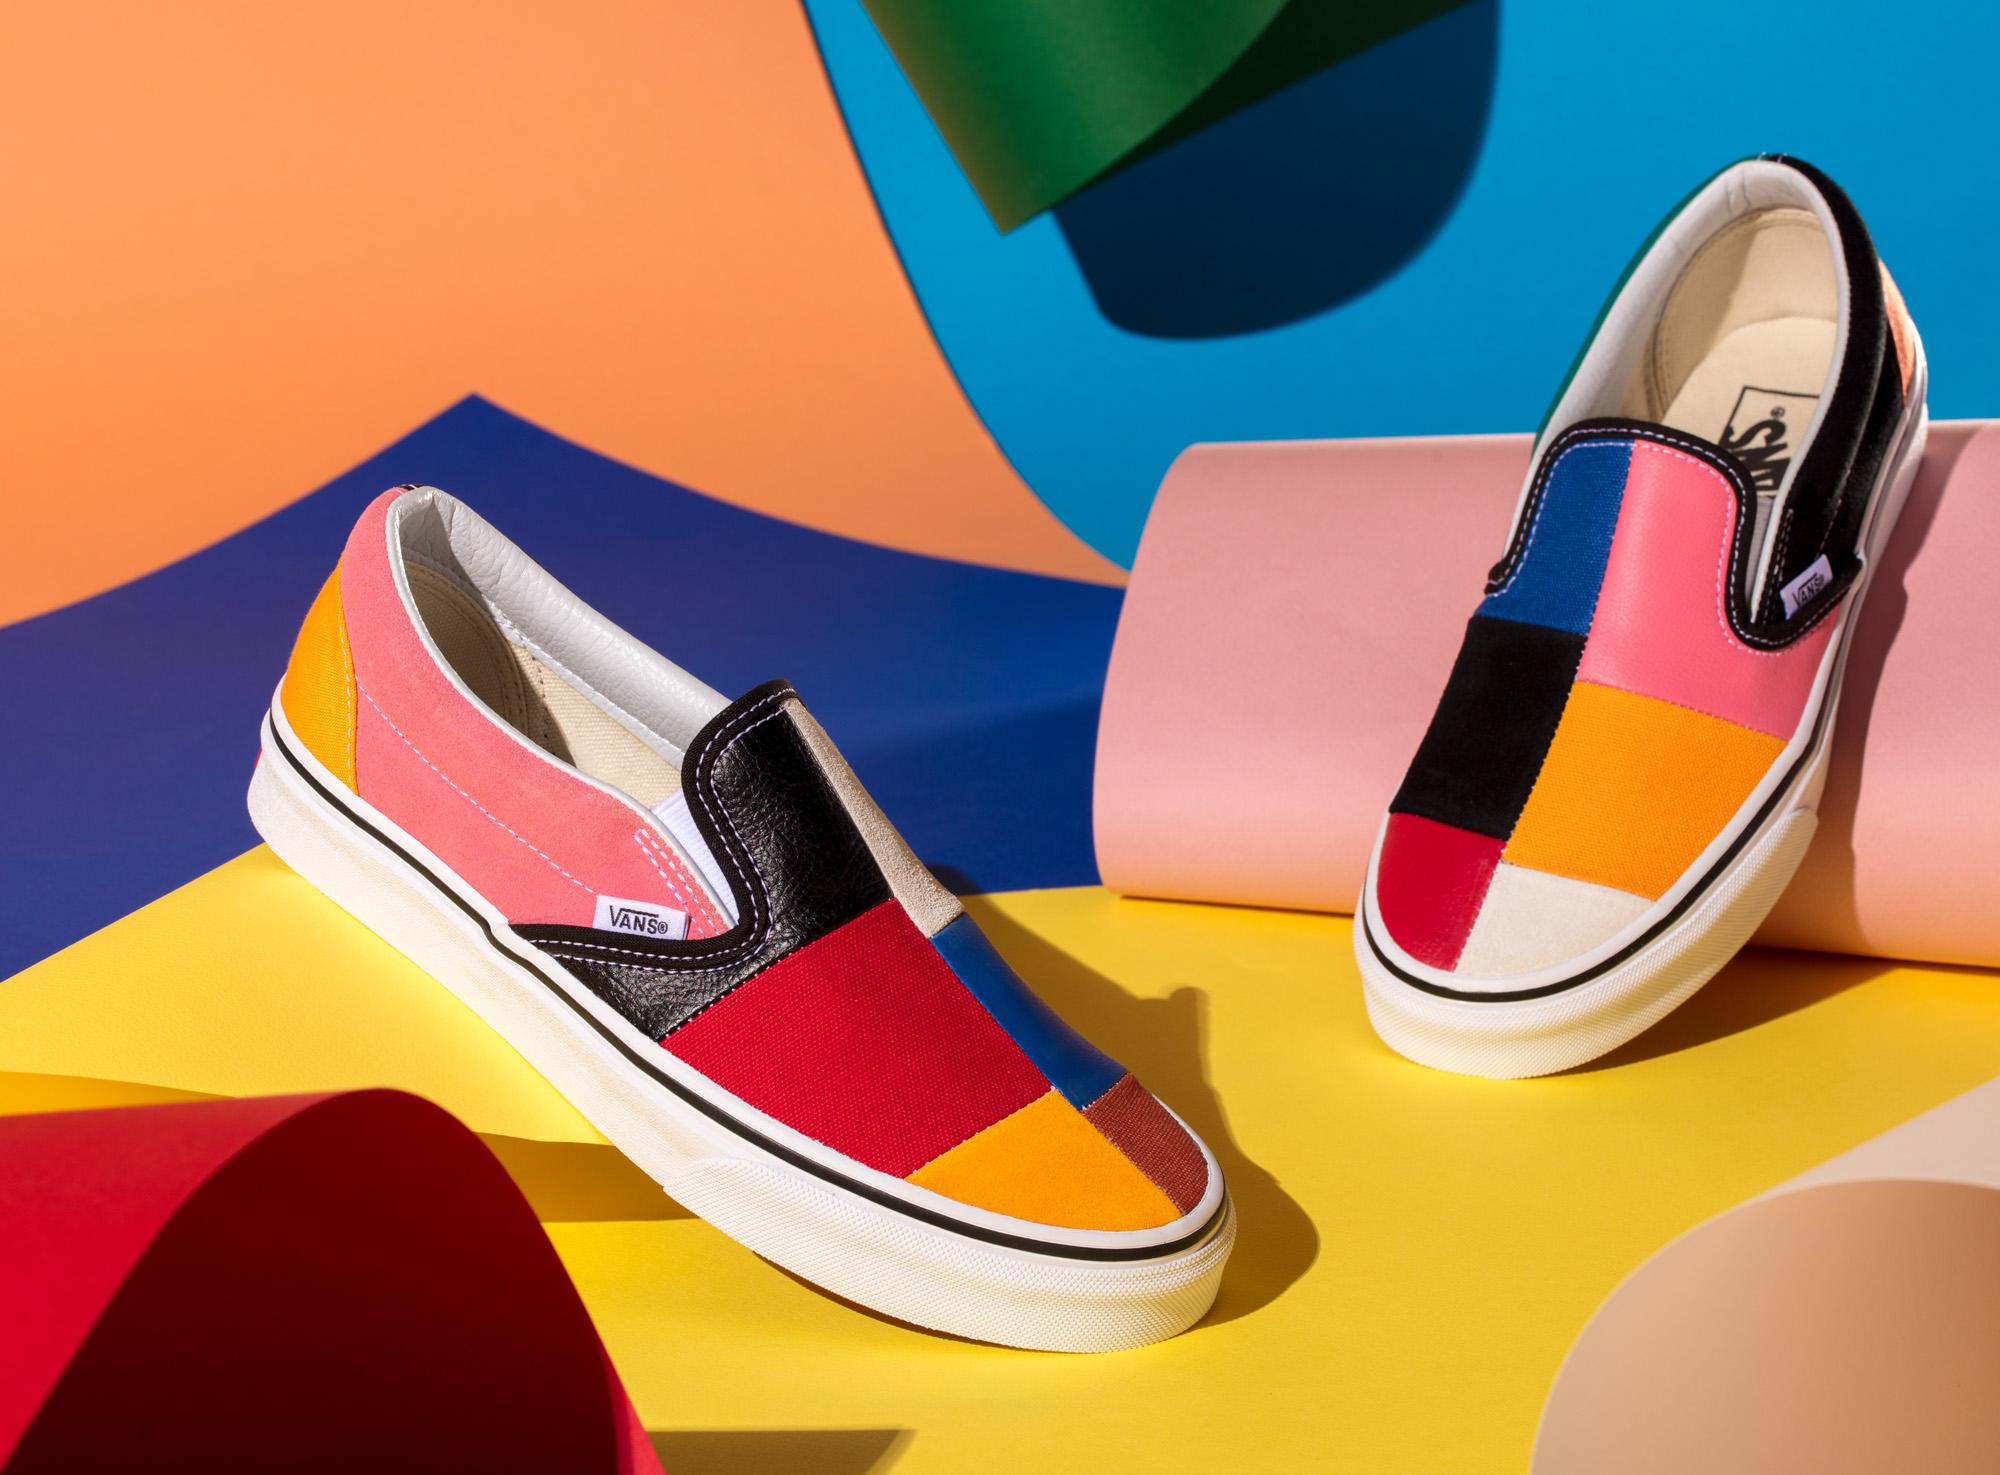 vans femme chaussure de plusiere couleure